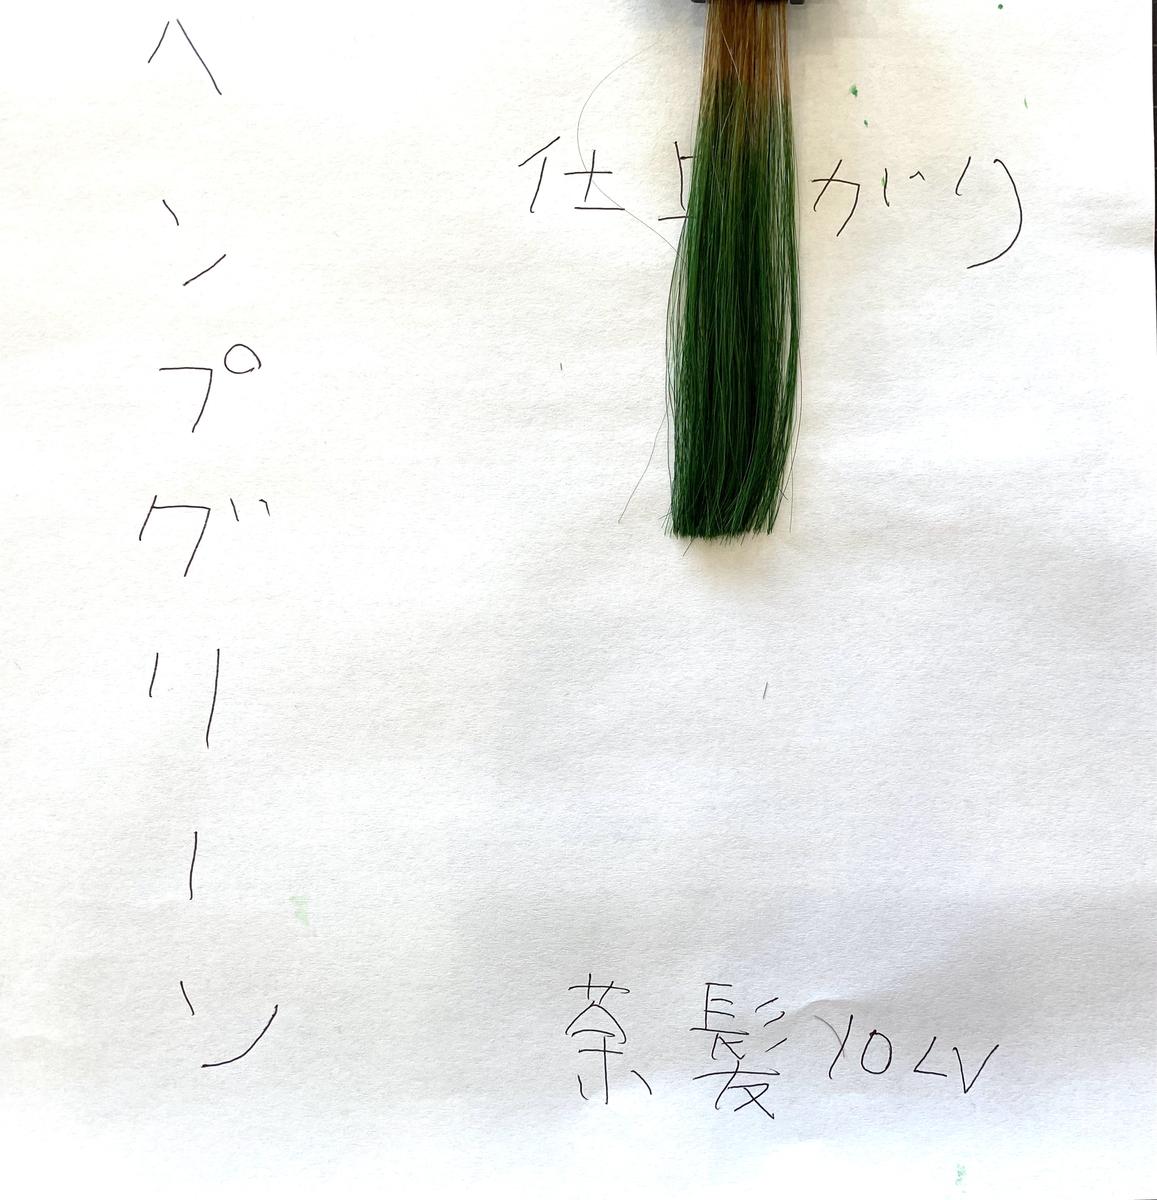 ヘンプグリーンで染めた後の茶髪の毛束